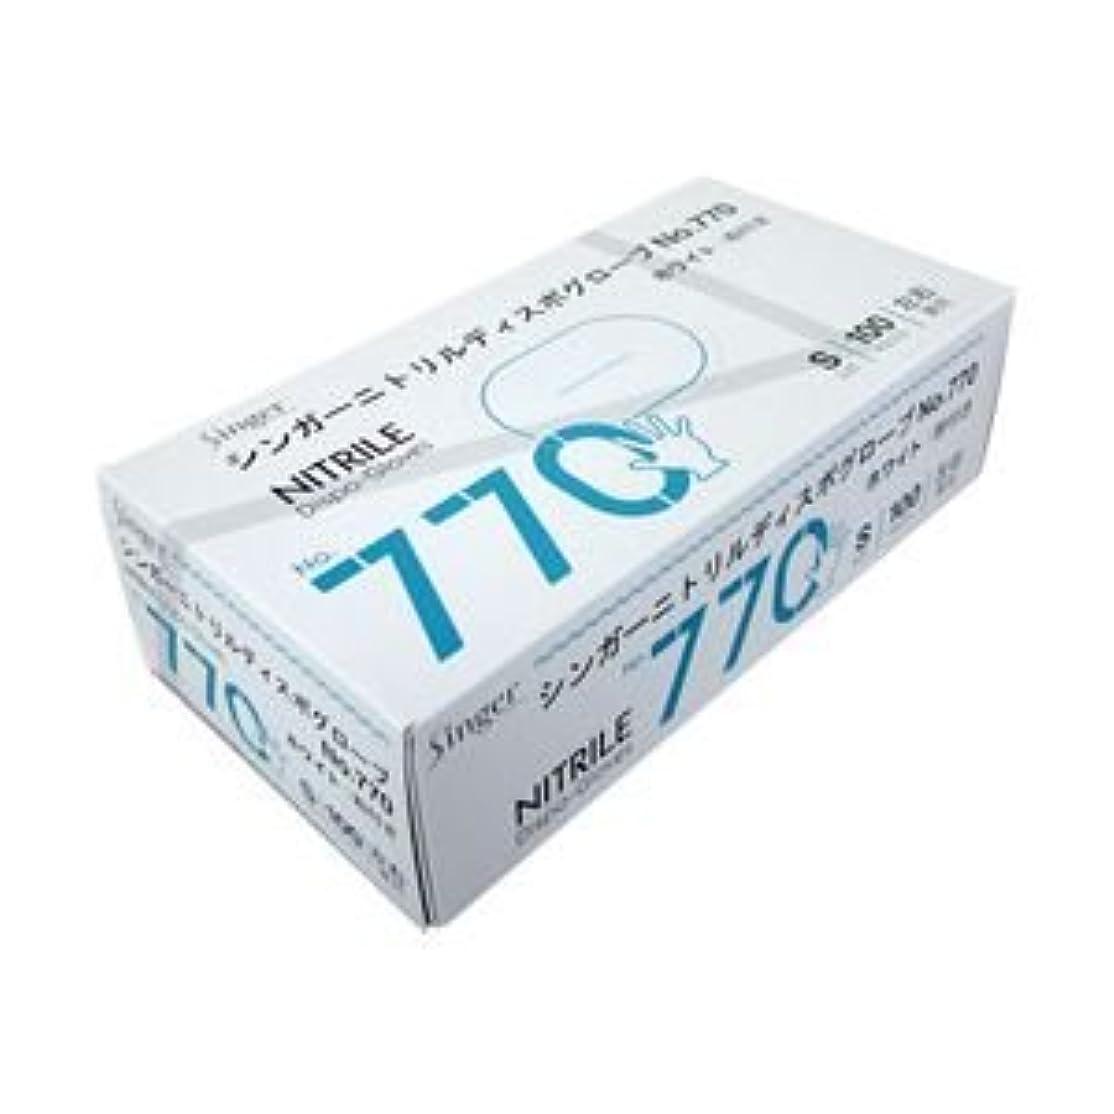 筋コークス宗教(業務用セット) 宇都宮製作 ニトリル手袋770 粉付き S 1箱(100枚) 【×5セット】